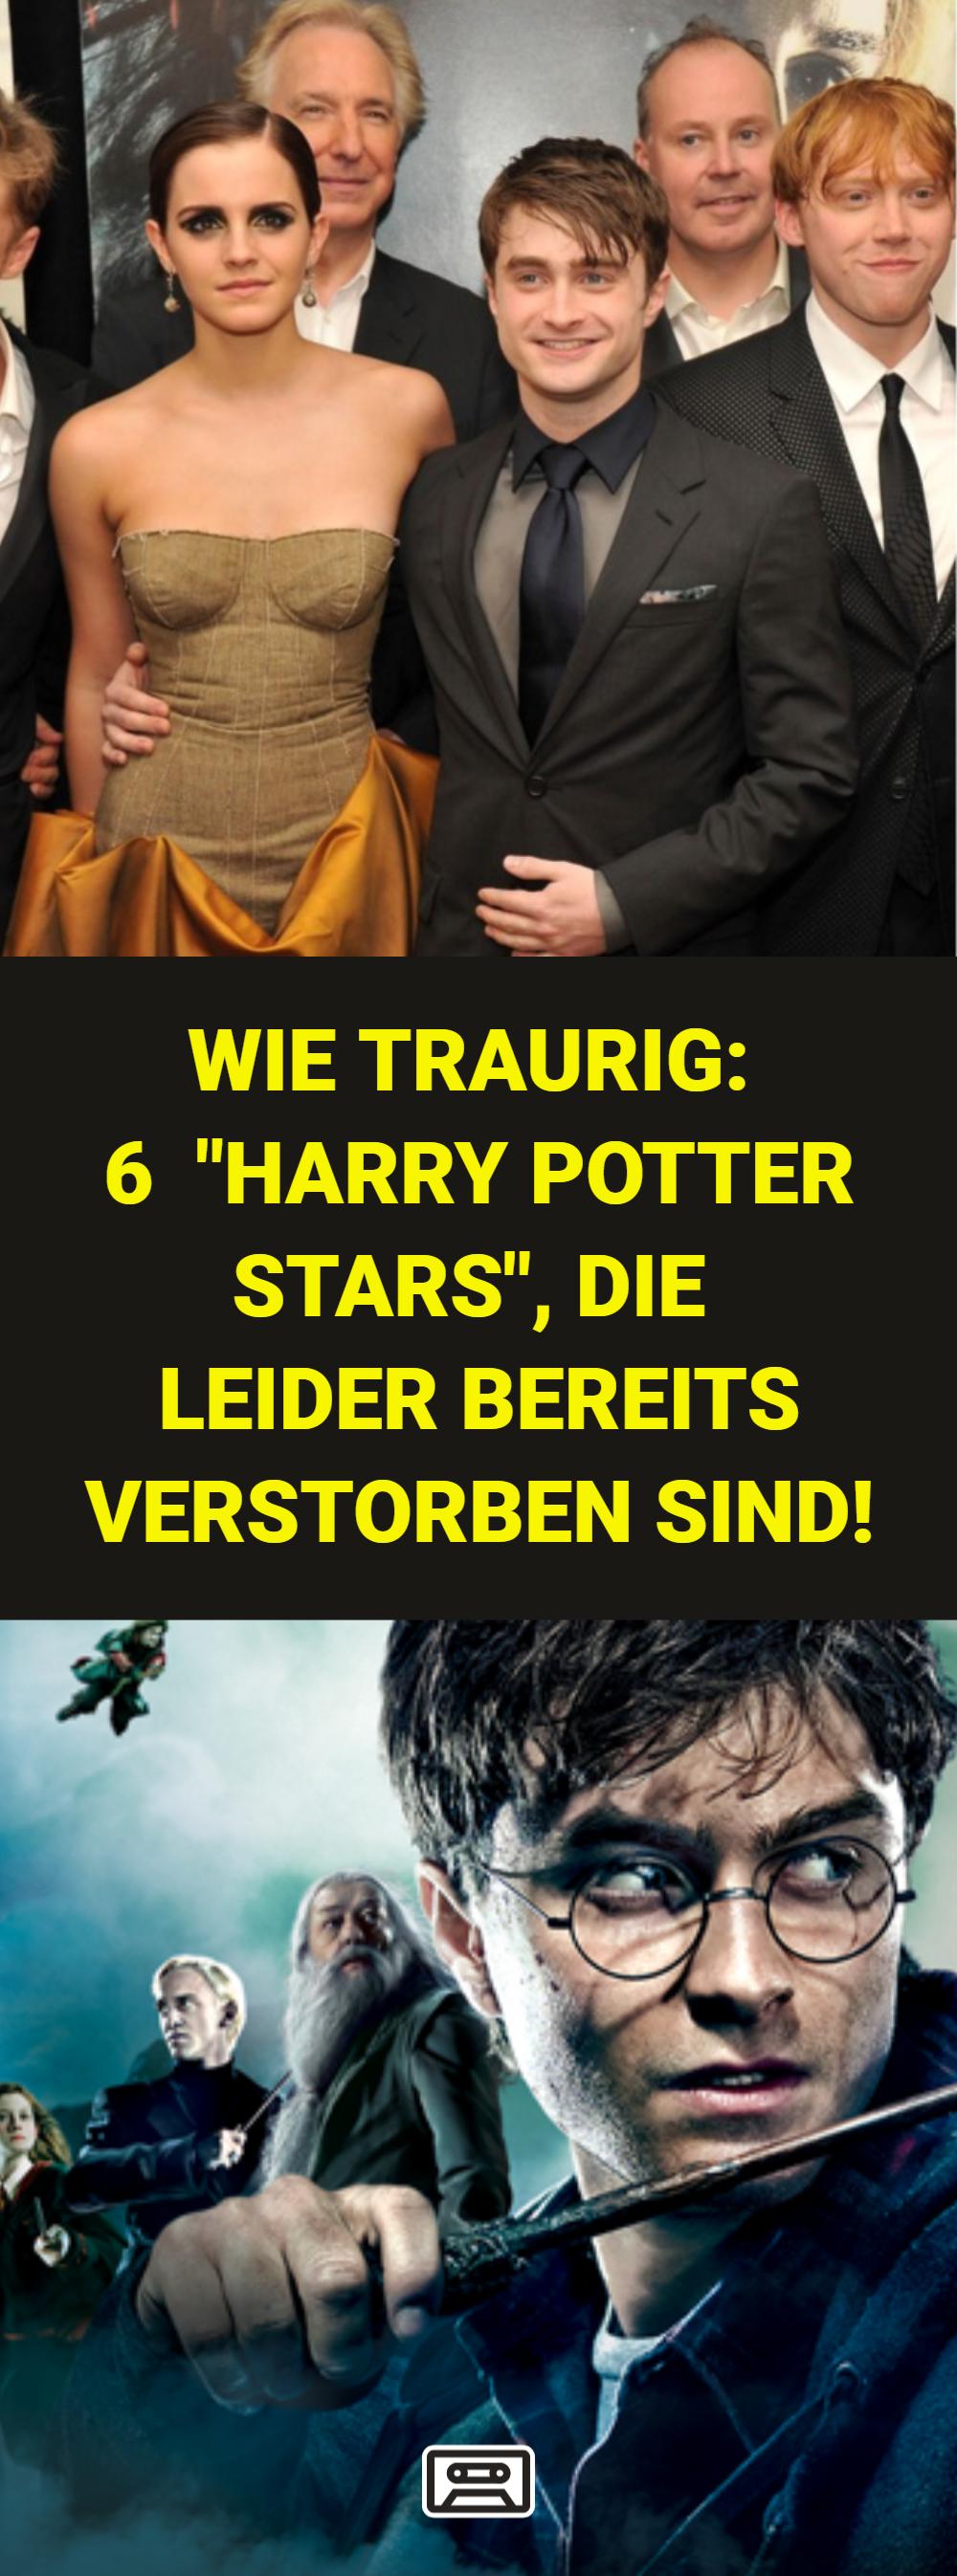 Wie Traurig Diese Harry Potter Stars Sind Leider Schon Gestorben Wir Erinnern Uns Gerne An Sie Harrypotter Stars Sc Filmstars Darsteller Lord Voldemort